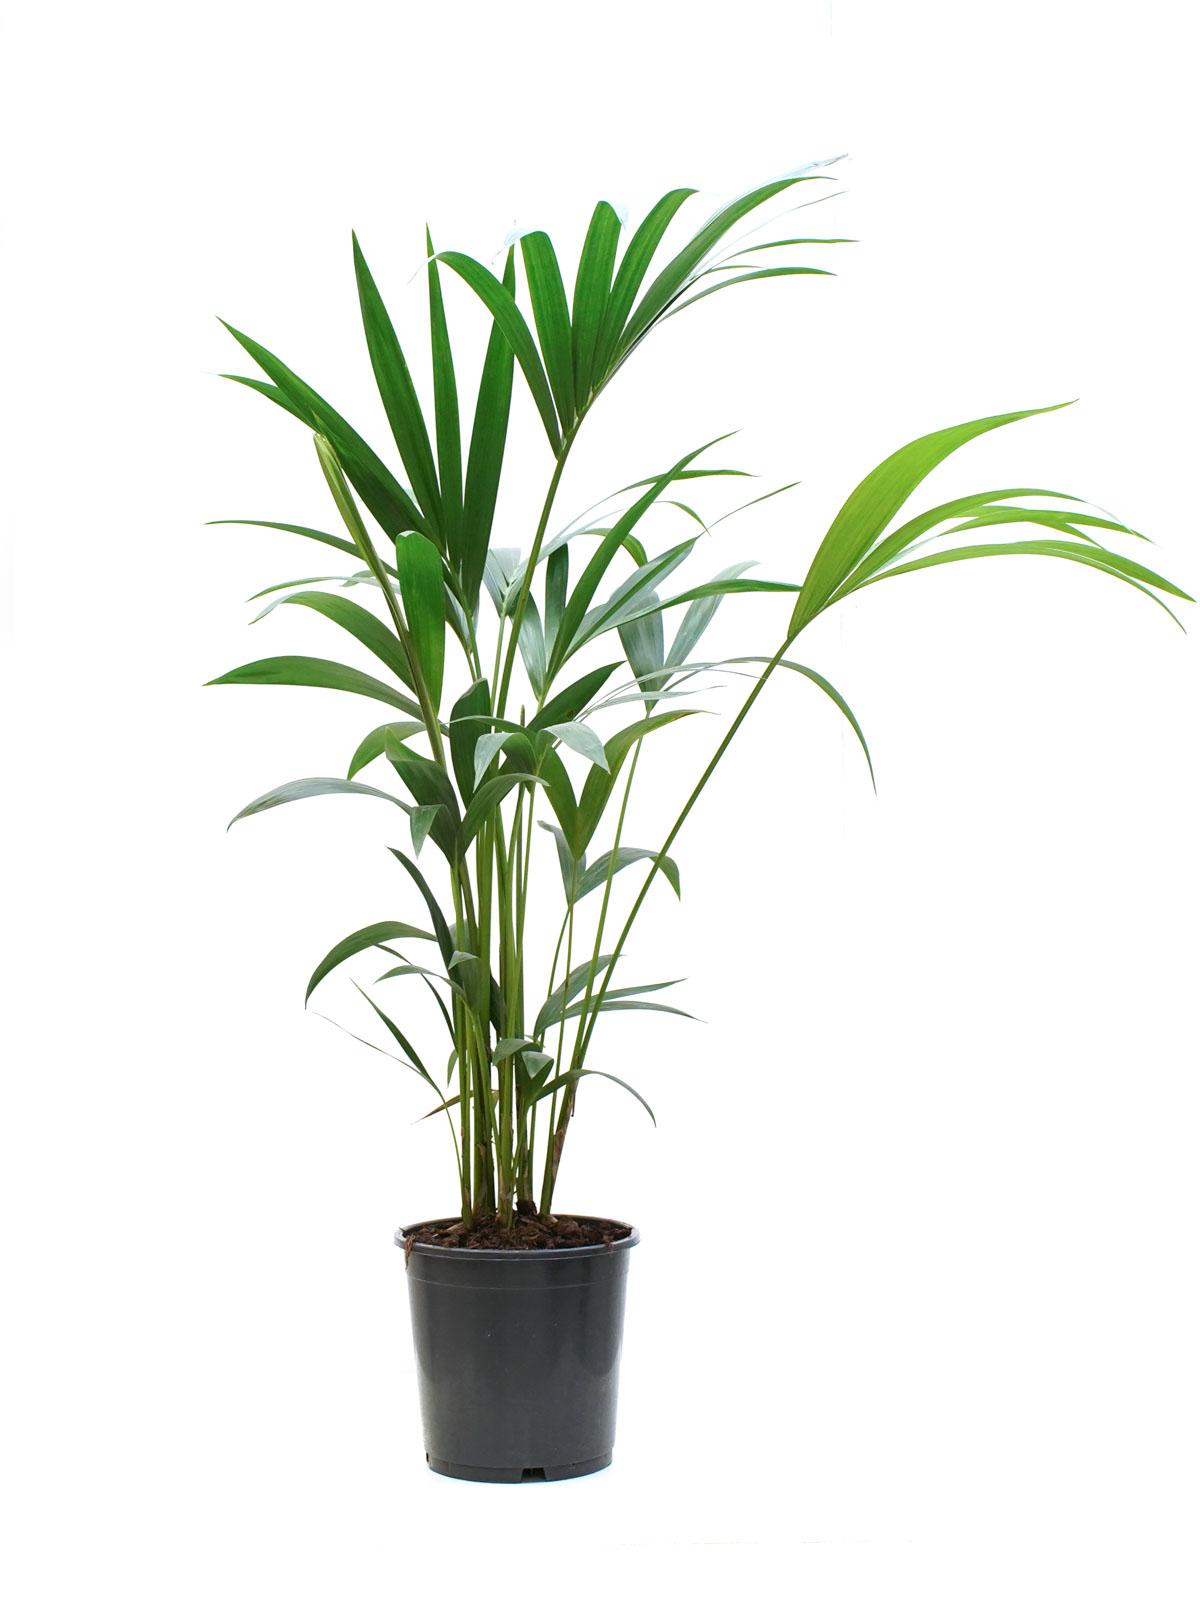 هوويا فورستريانا (كنتيا) نباتات داخلية